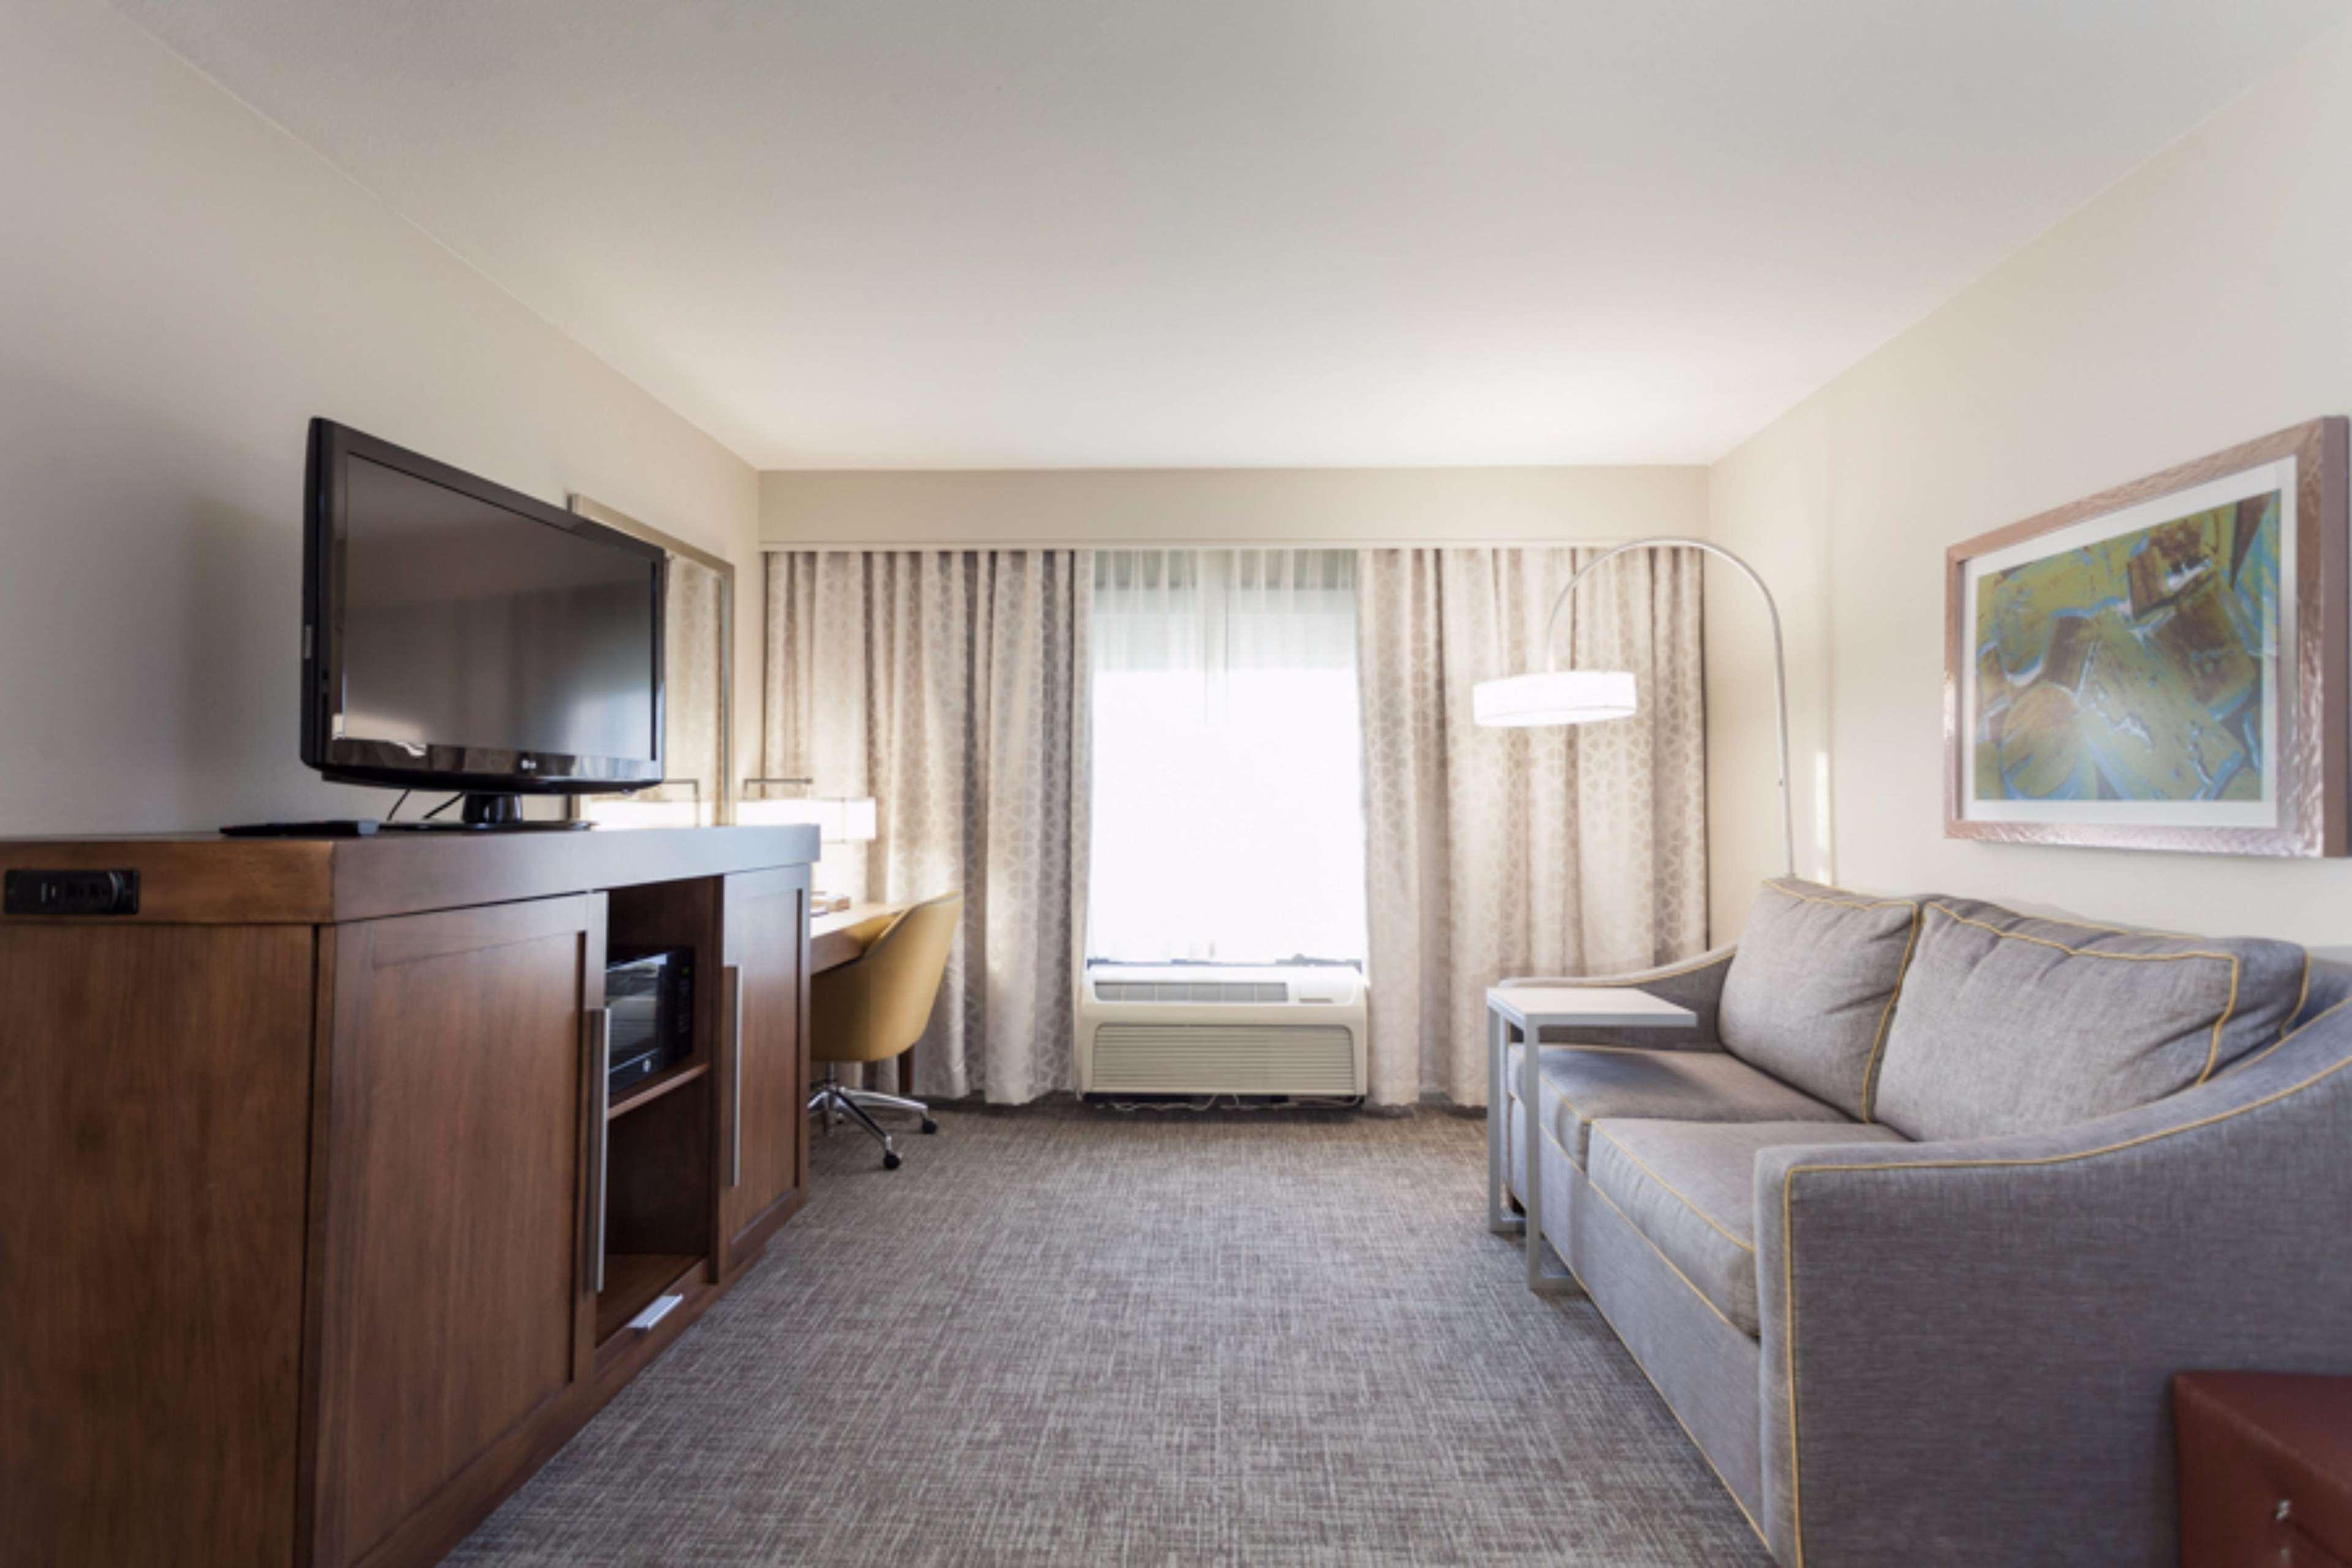 Hampton Inn & Suites Dallas-DFW Airport North-Grapevine in Grapevine, TX, photo #17